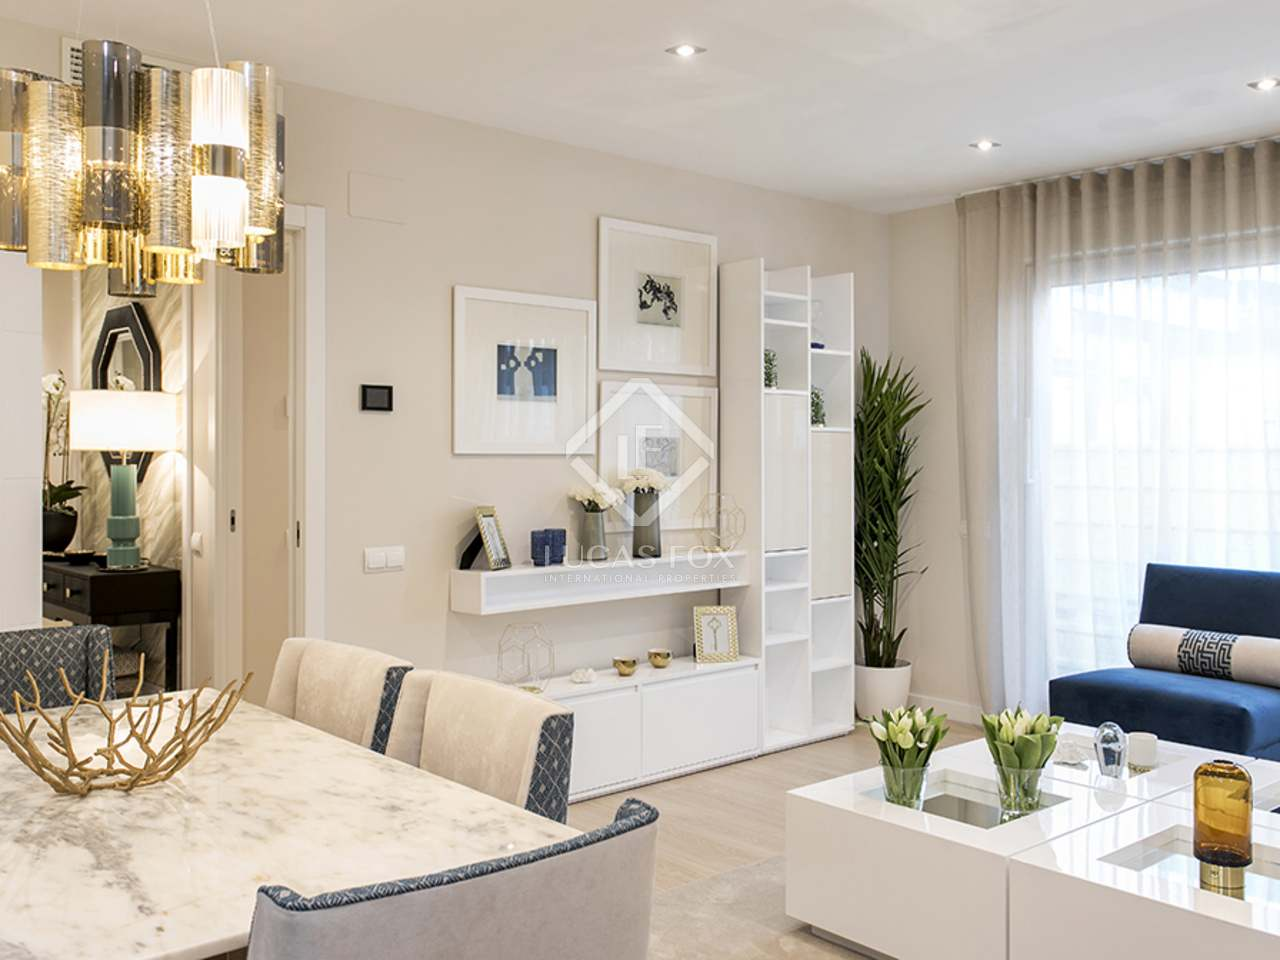 Appartamenti nuovi in vendita nella promozione diagonal port for Piani di appartamenti moderni